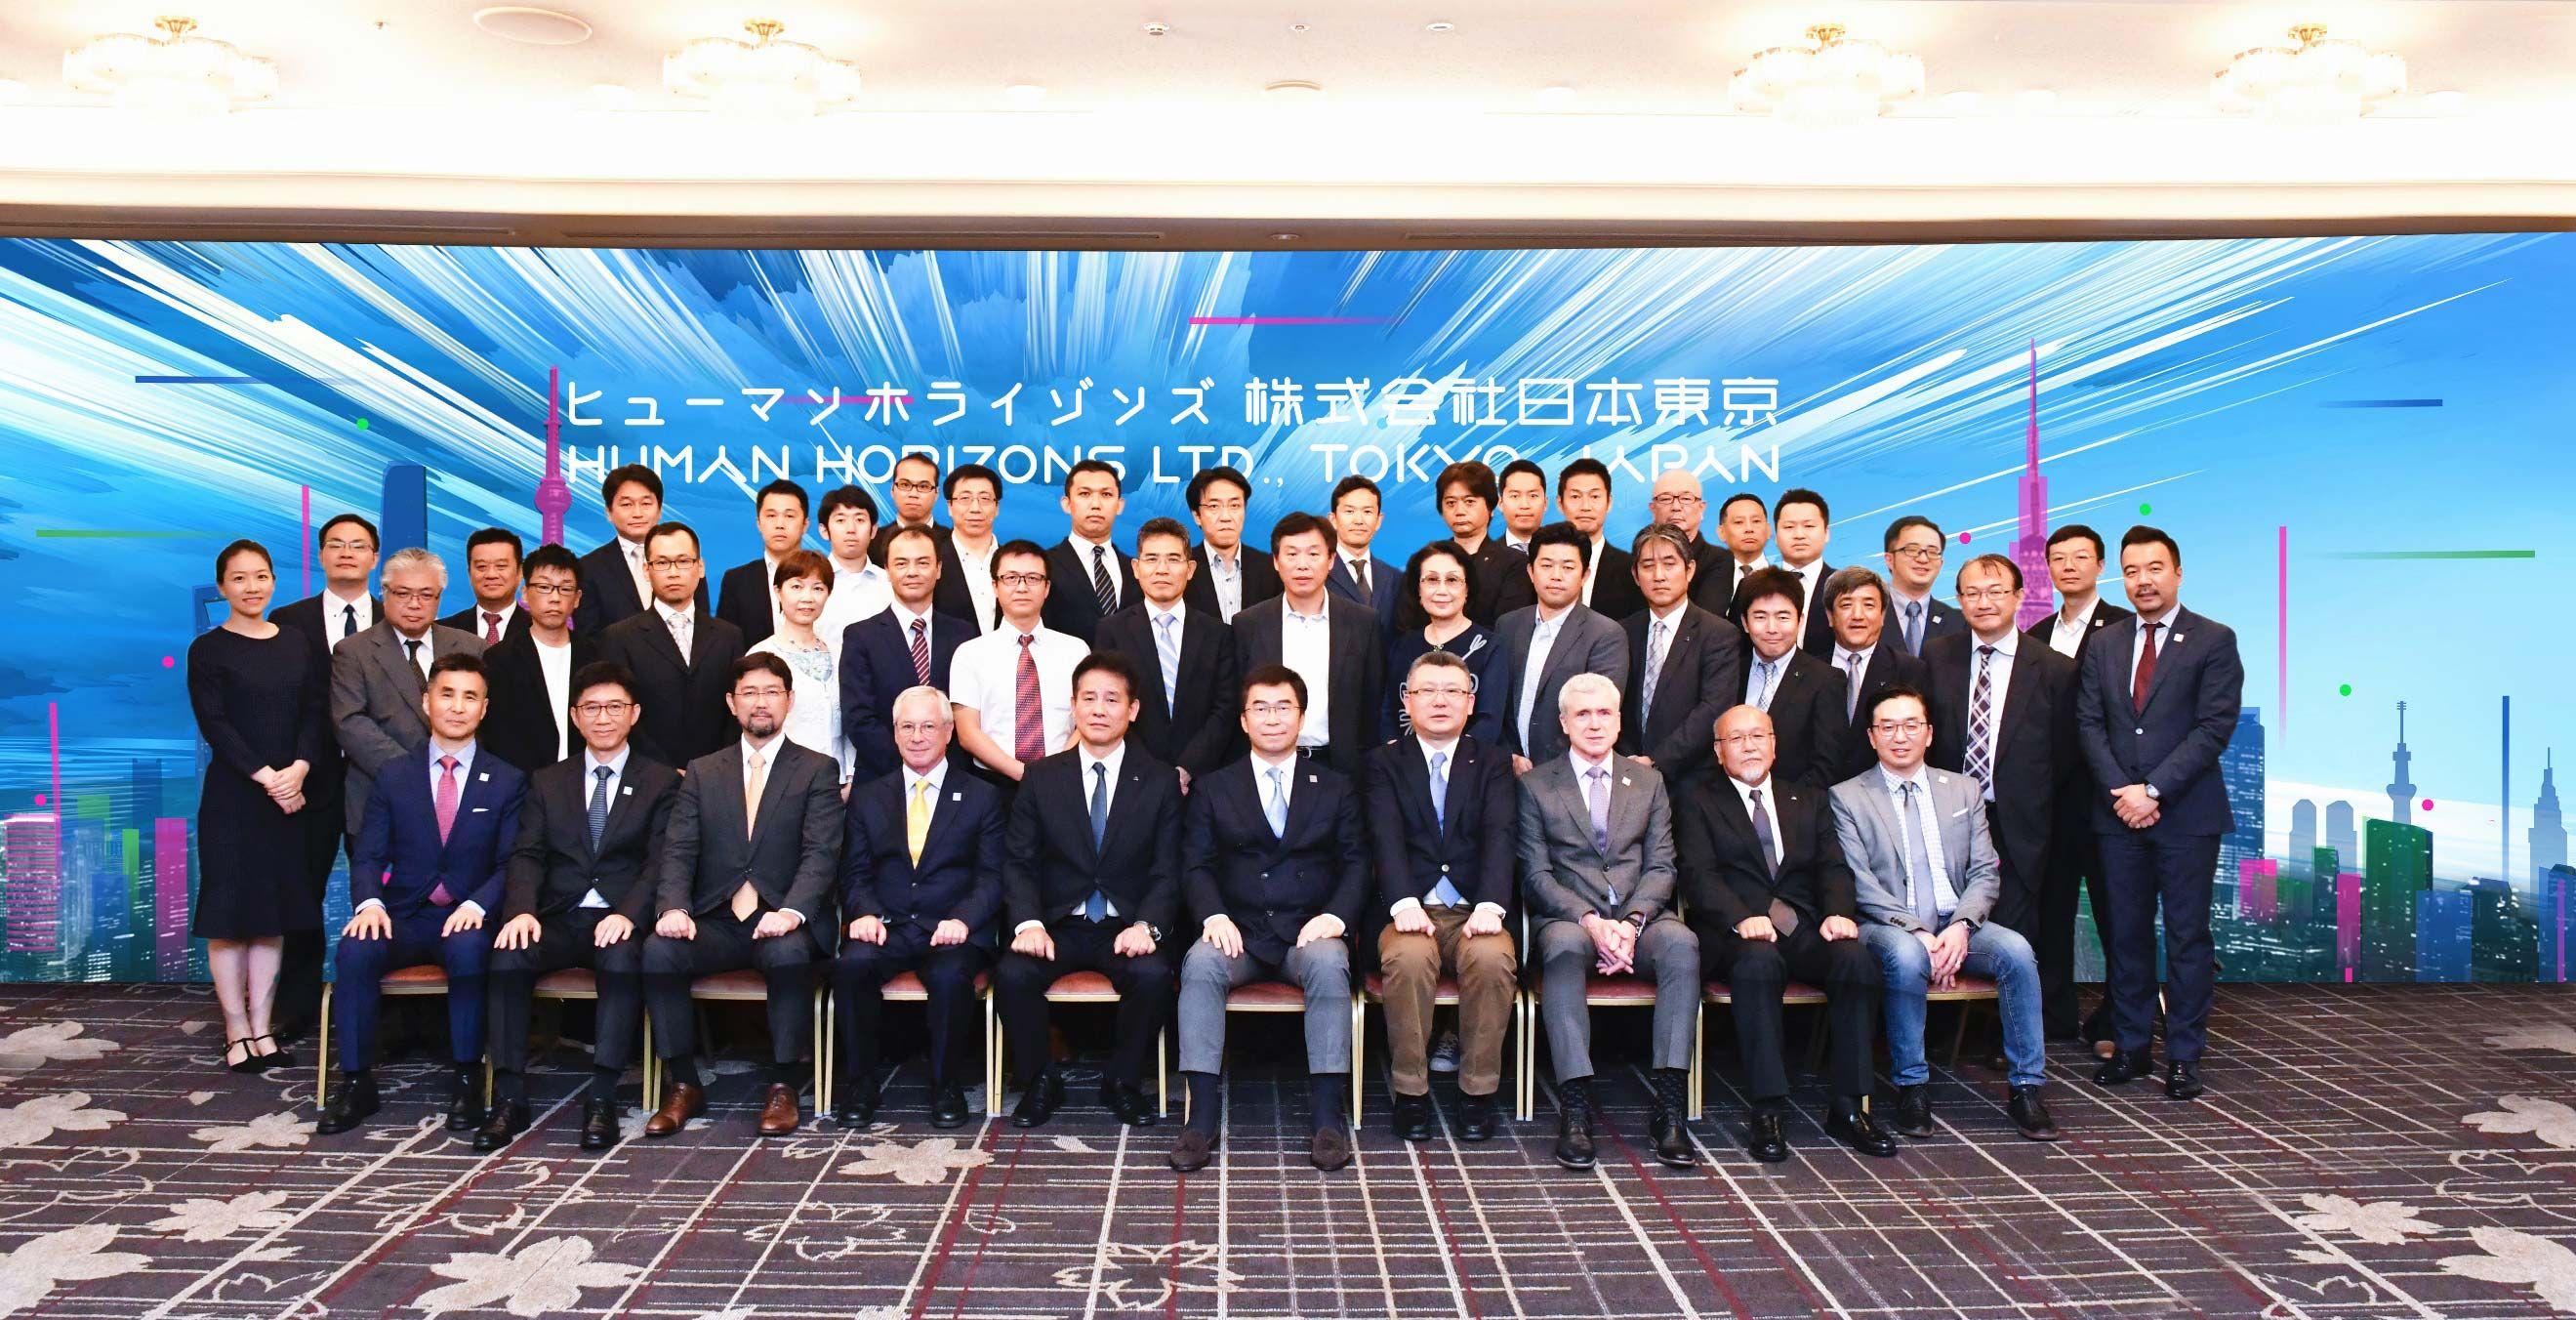 (图片说明:日本知名企业和机构的主要负责人及代表等众多嘉宾应邀出席Human Horizons Japan Center华人运通日本中心开业仪式